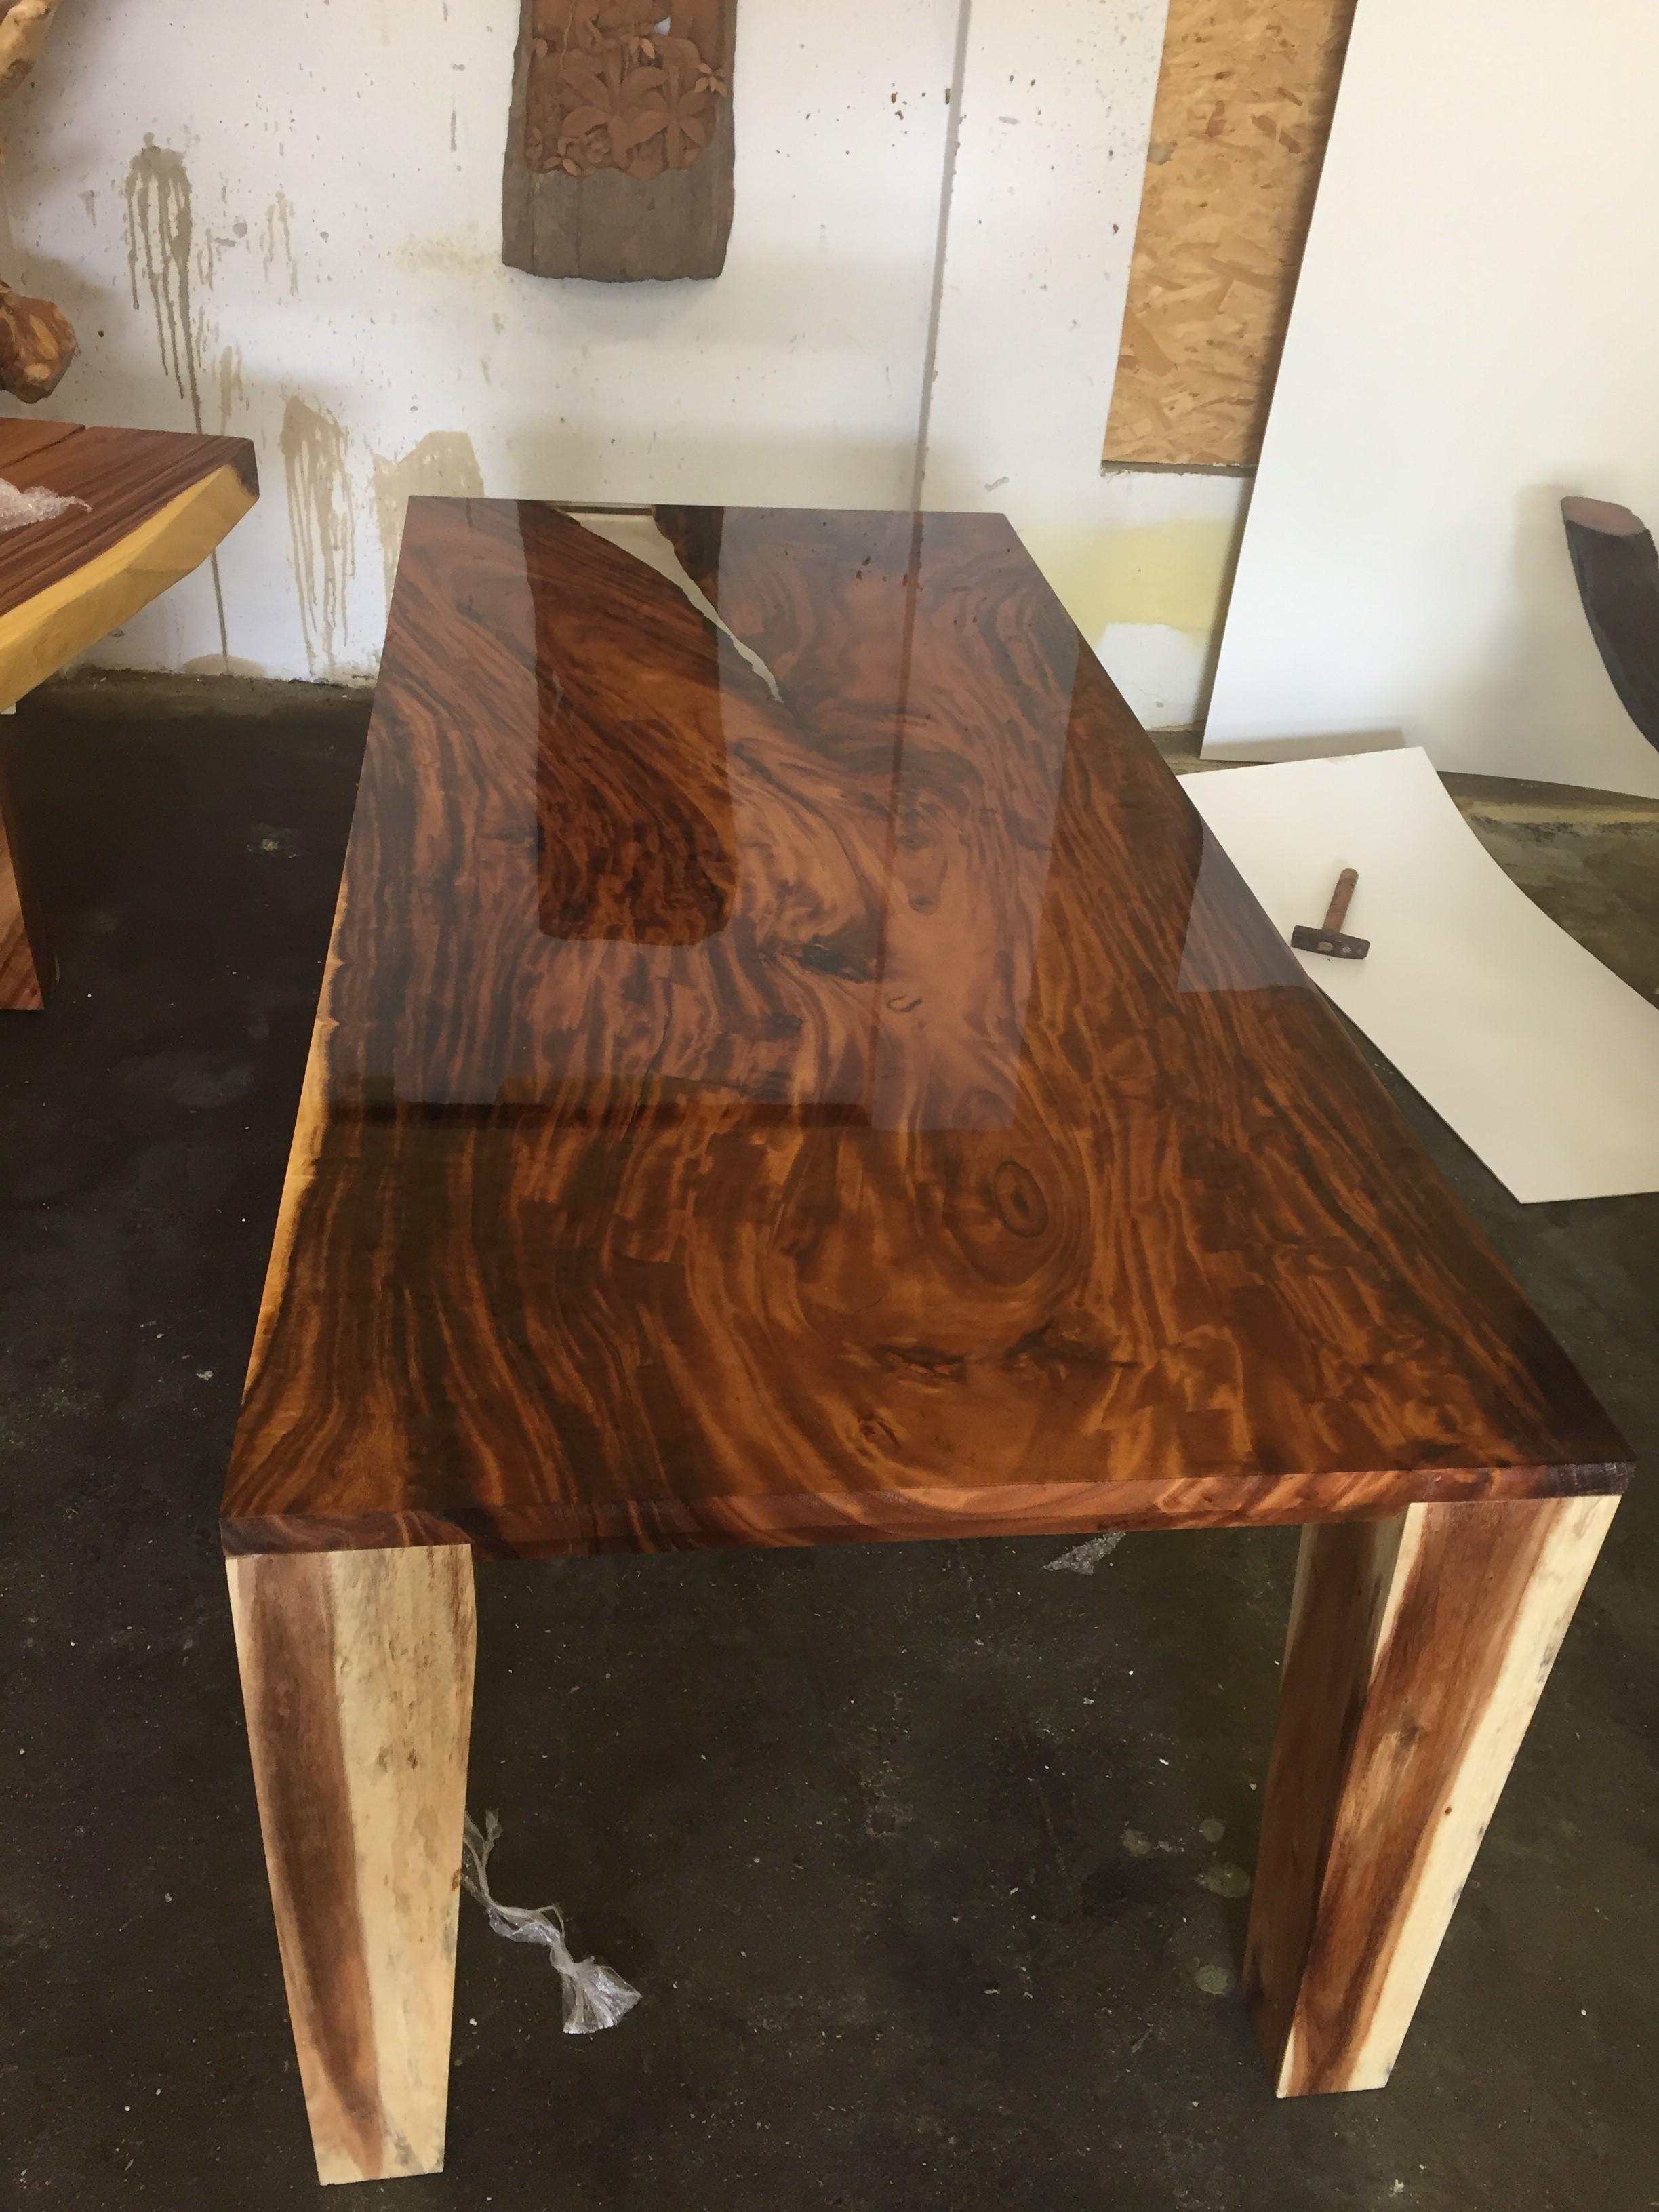 e3af9215239d2 Masívny jedálenský stôl z Thajska dreviny Acacia | Furniture-nabytok.sk